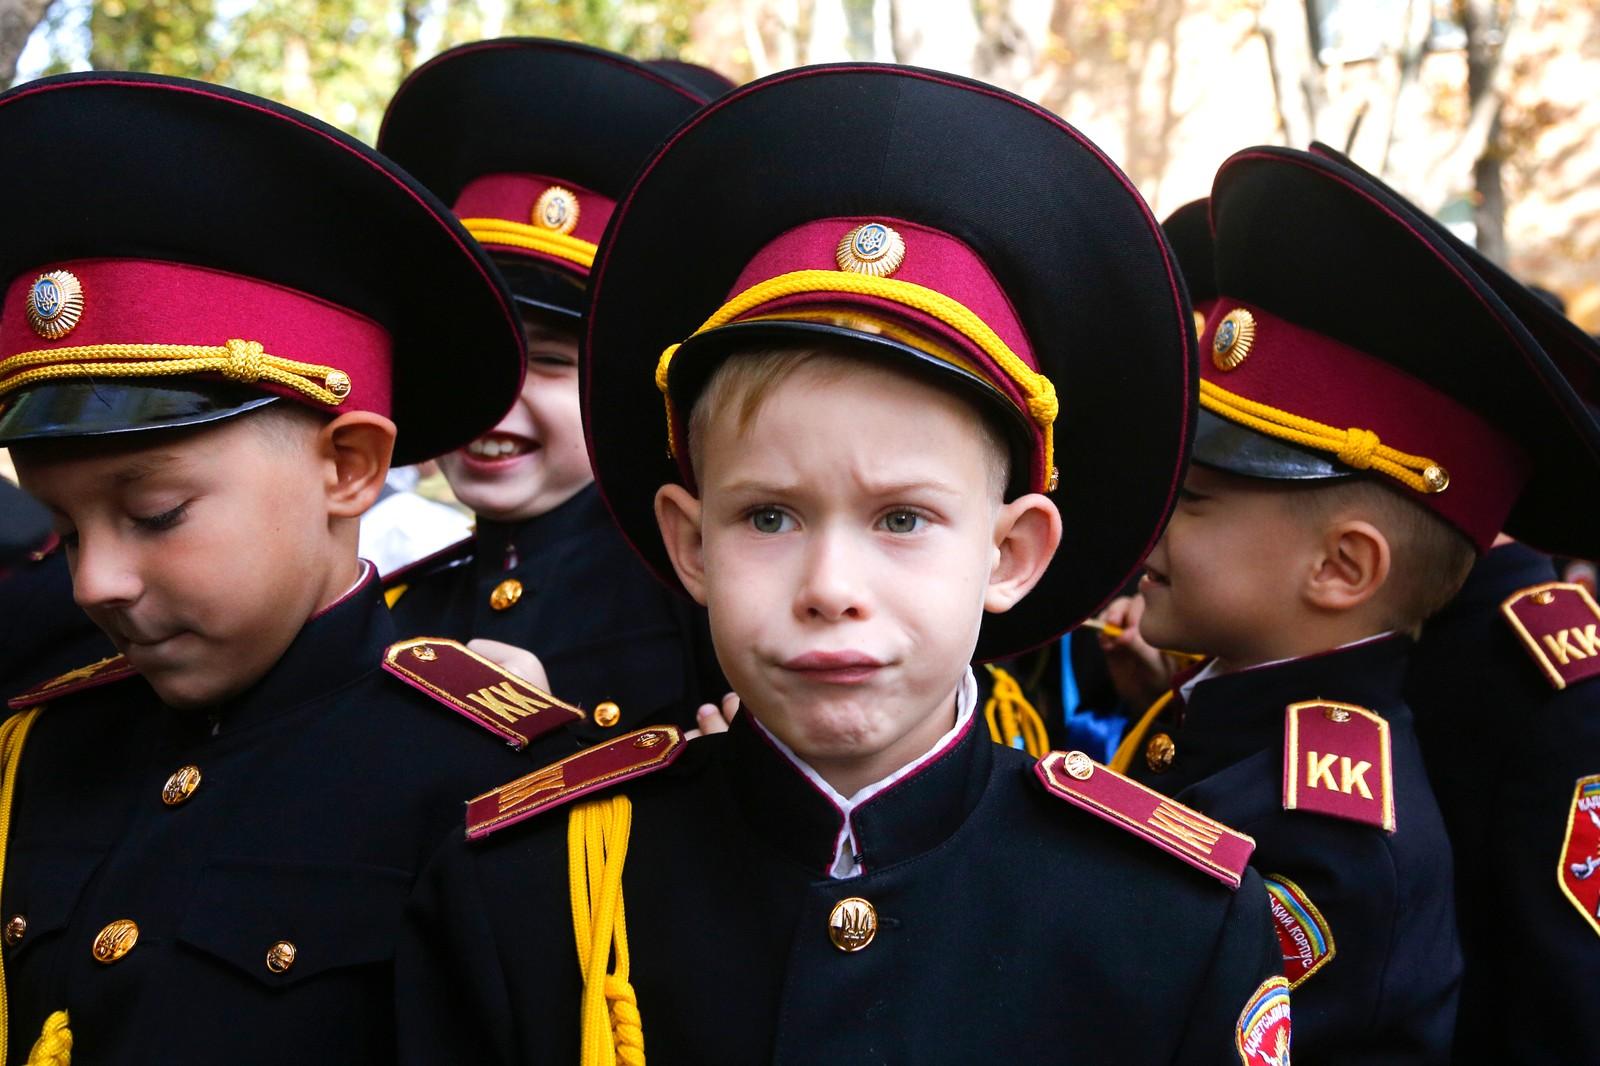 Unge kadetter markerer skolestart i Kiev i Ukraina.